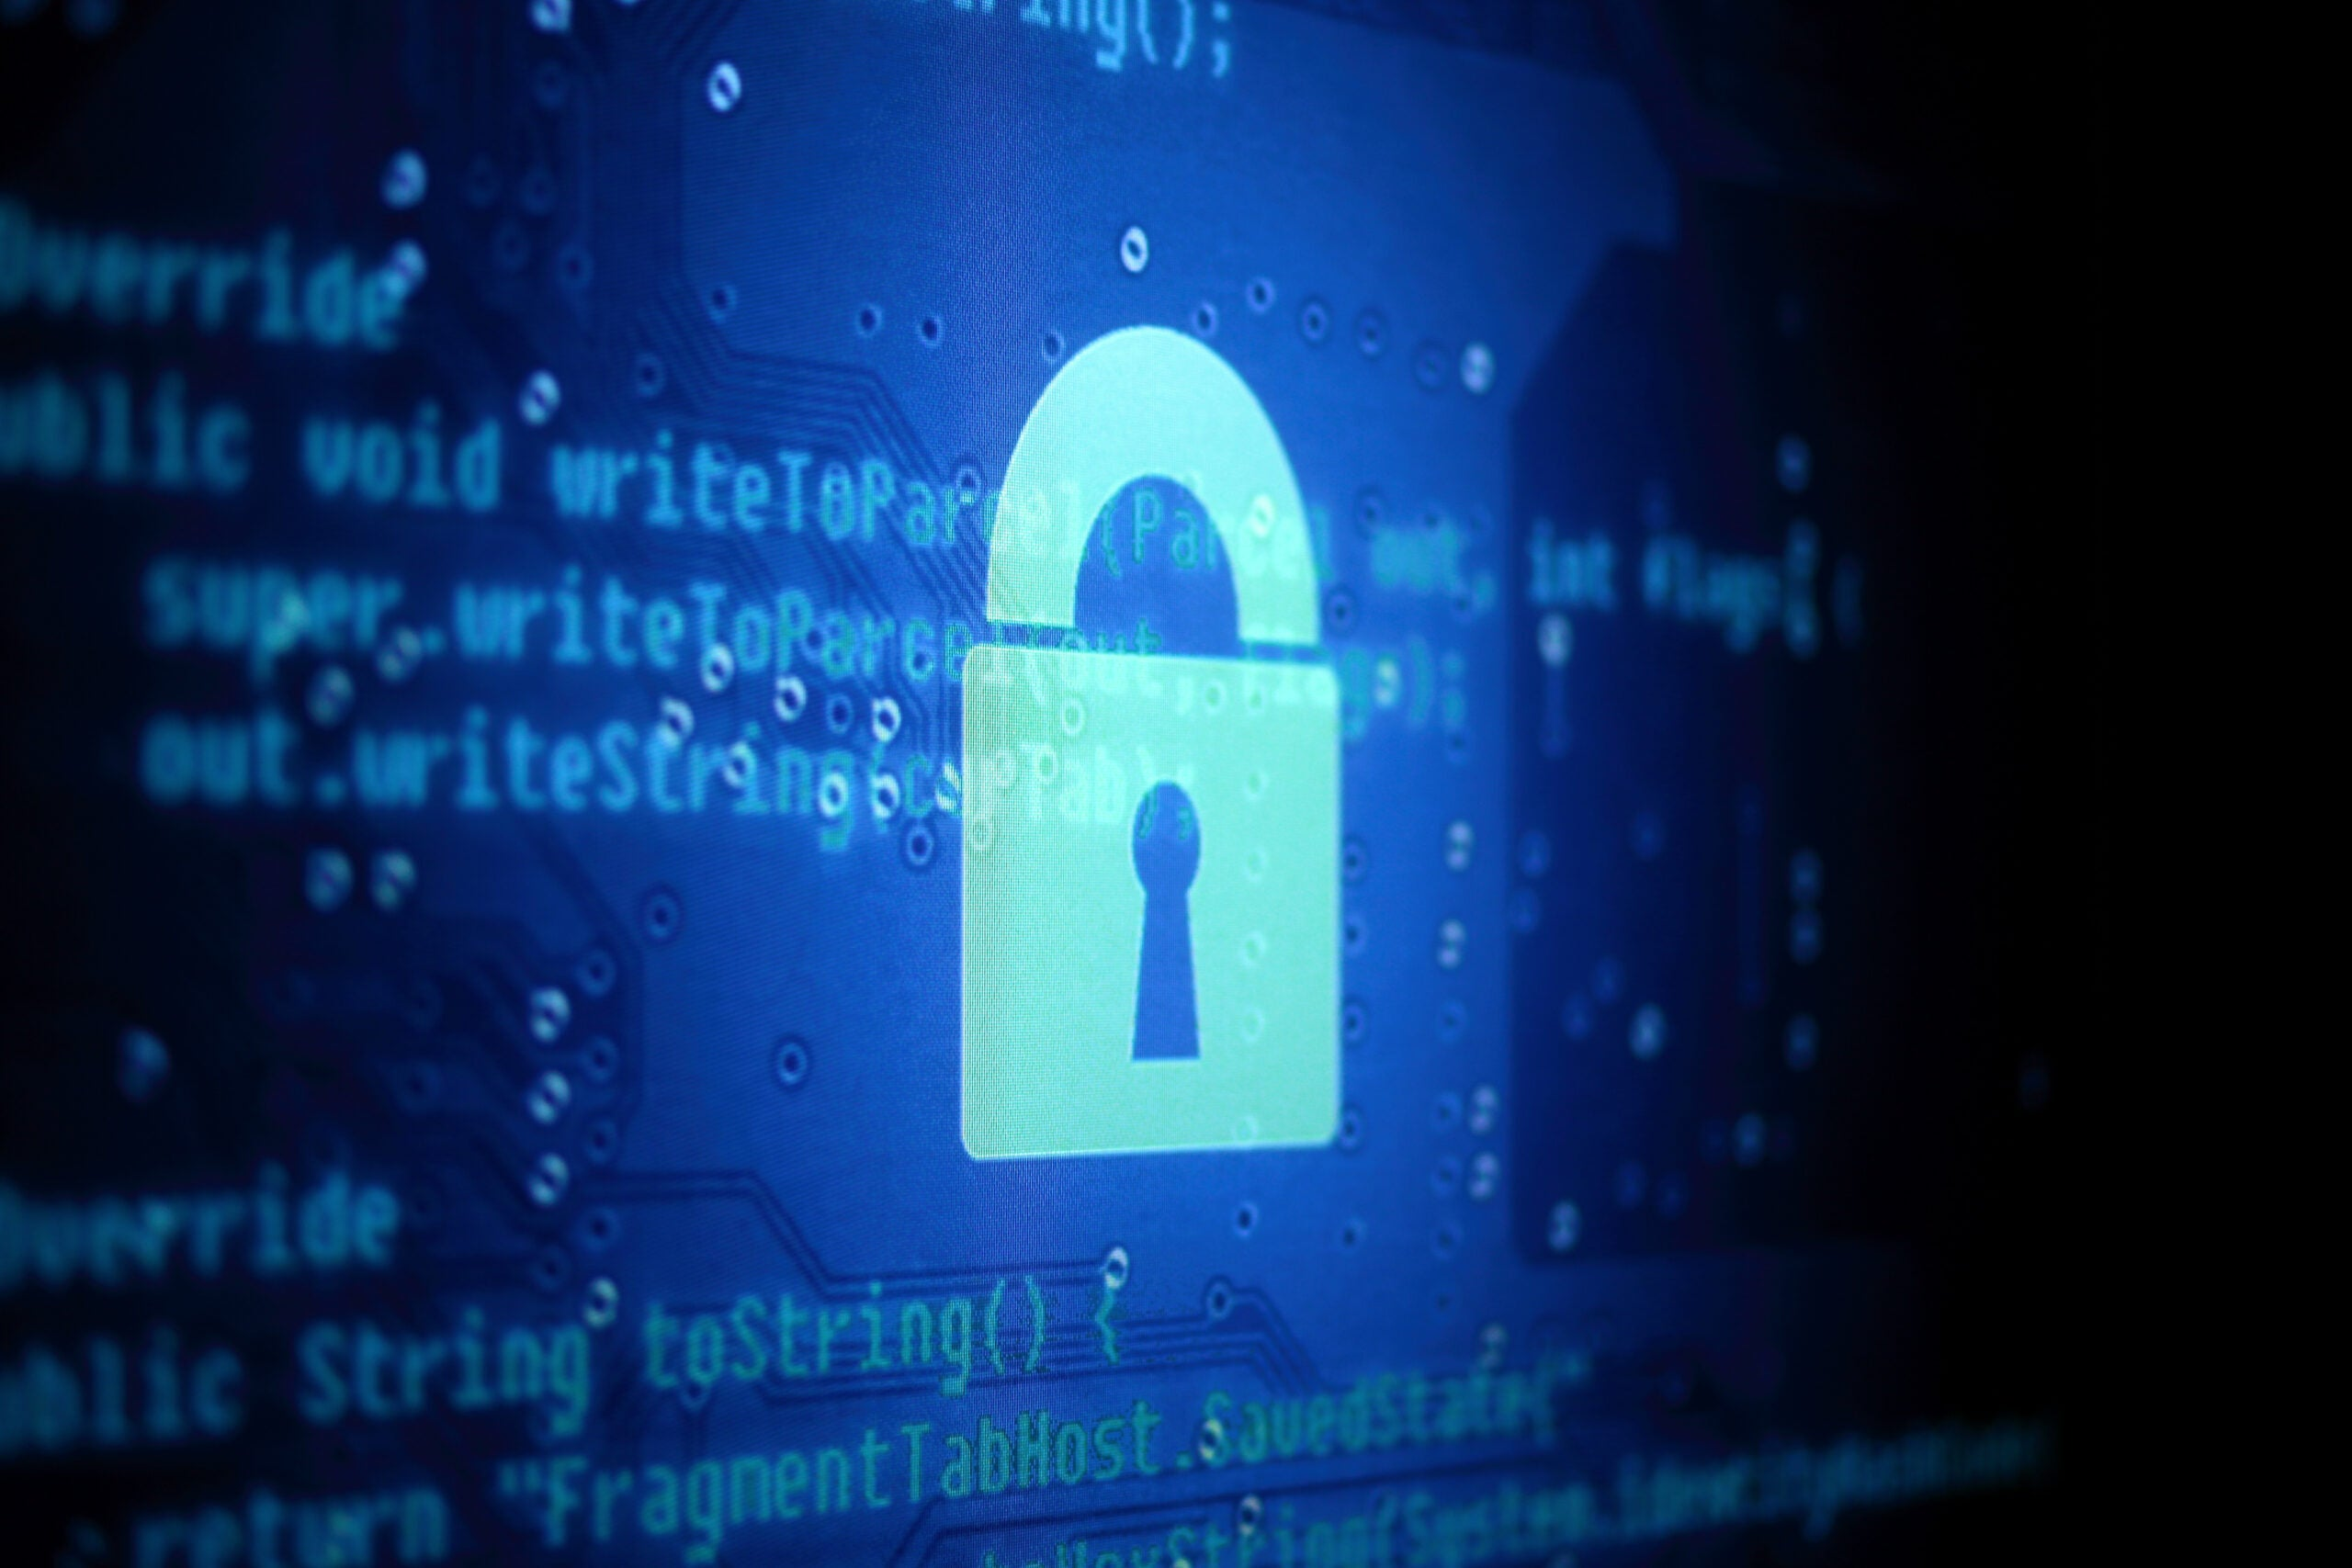 FREAK: Today, Web Users Feel The Impact Of '90s Regulators' Stupidity